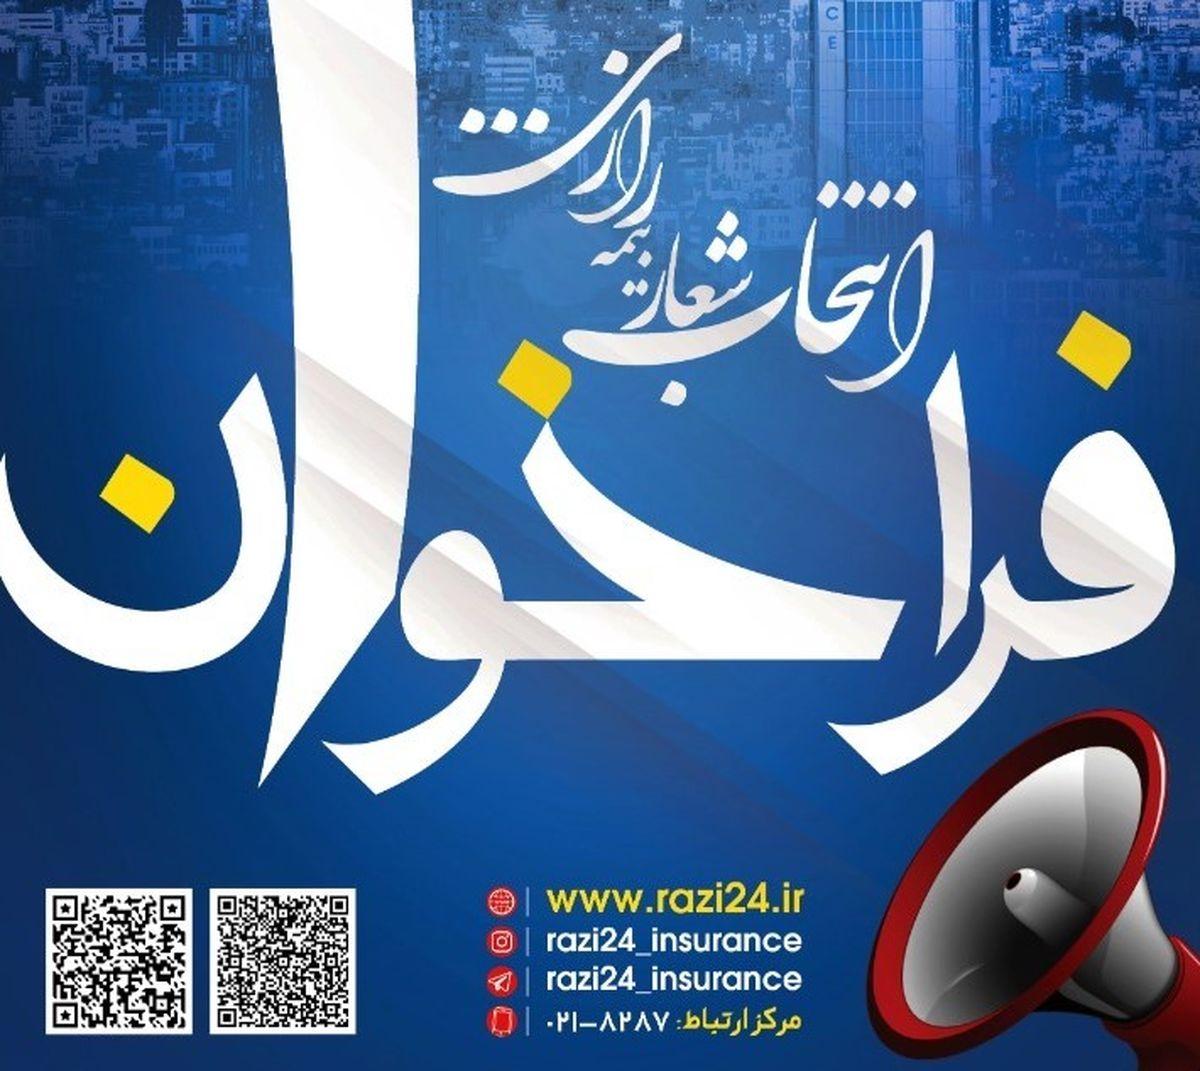 فراخوان شعار بیمه رازی